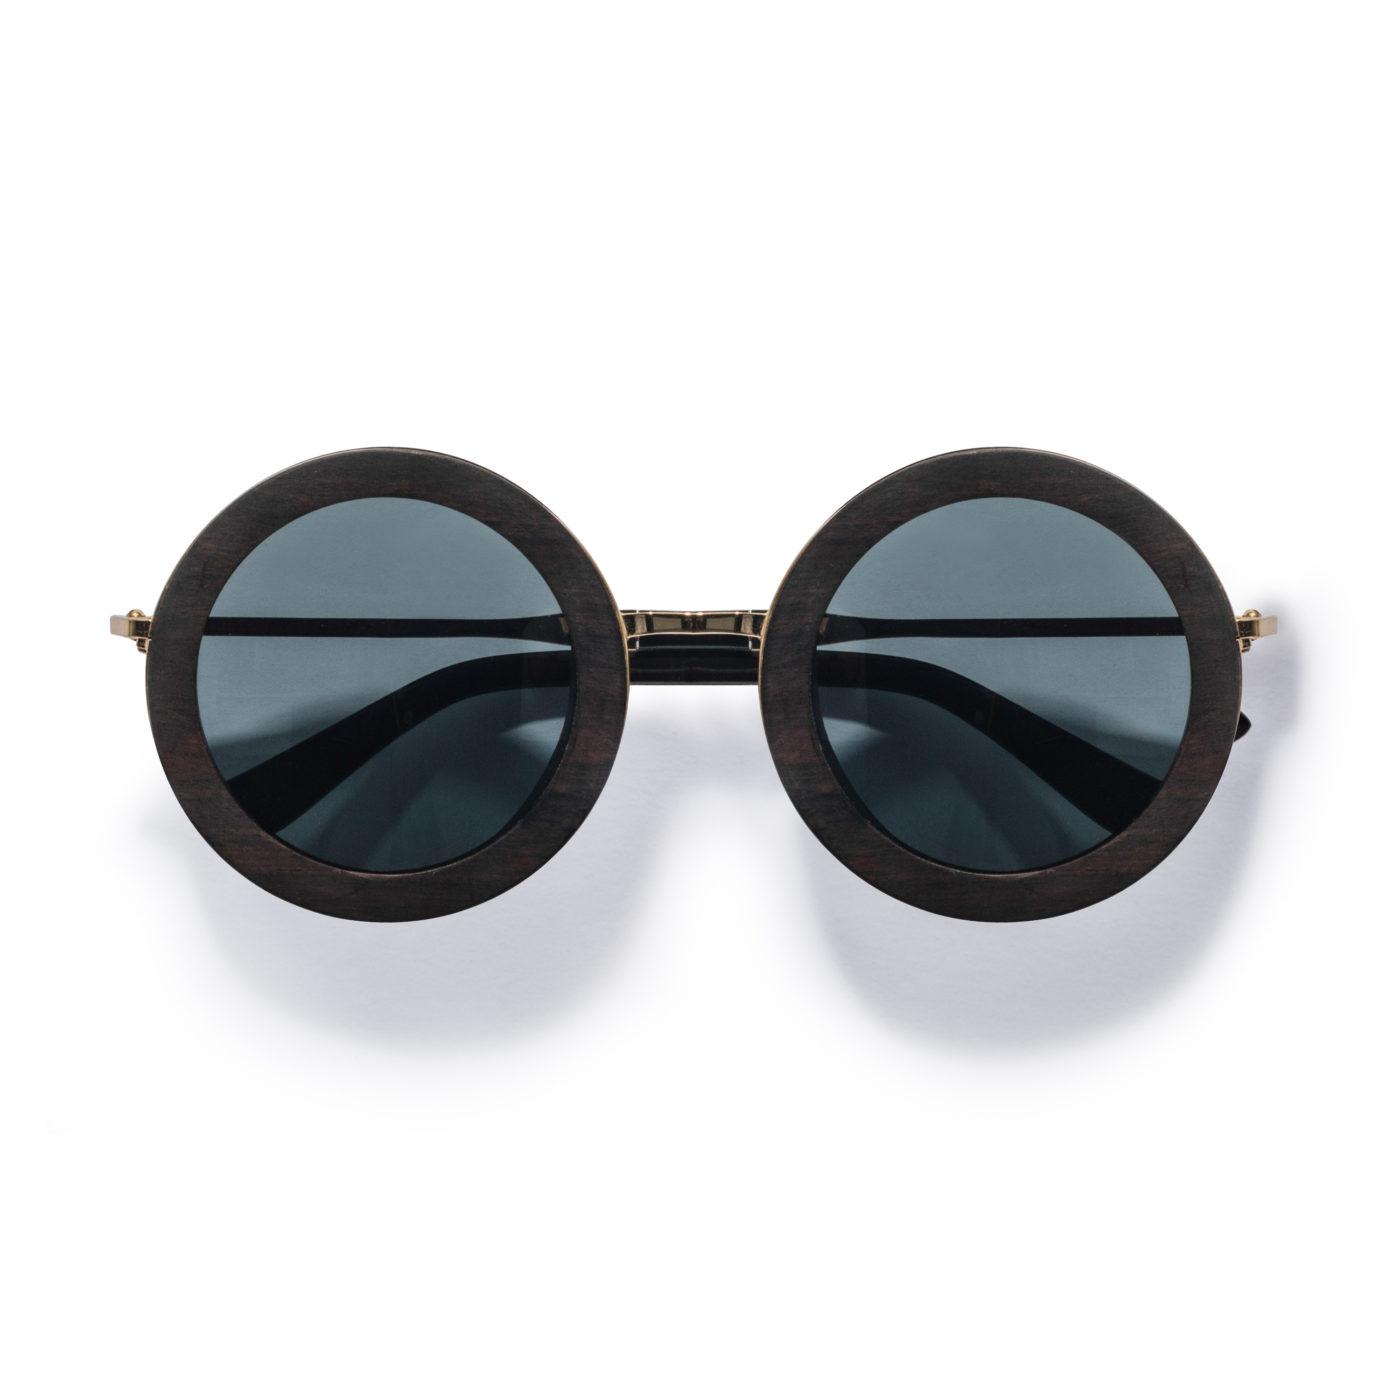 Kraywoods oversized round wood sunglasses, polarized lenses